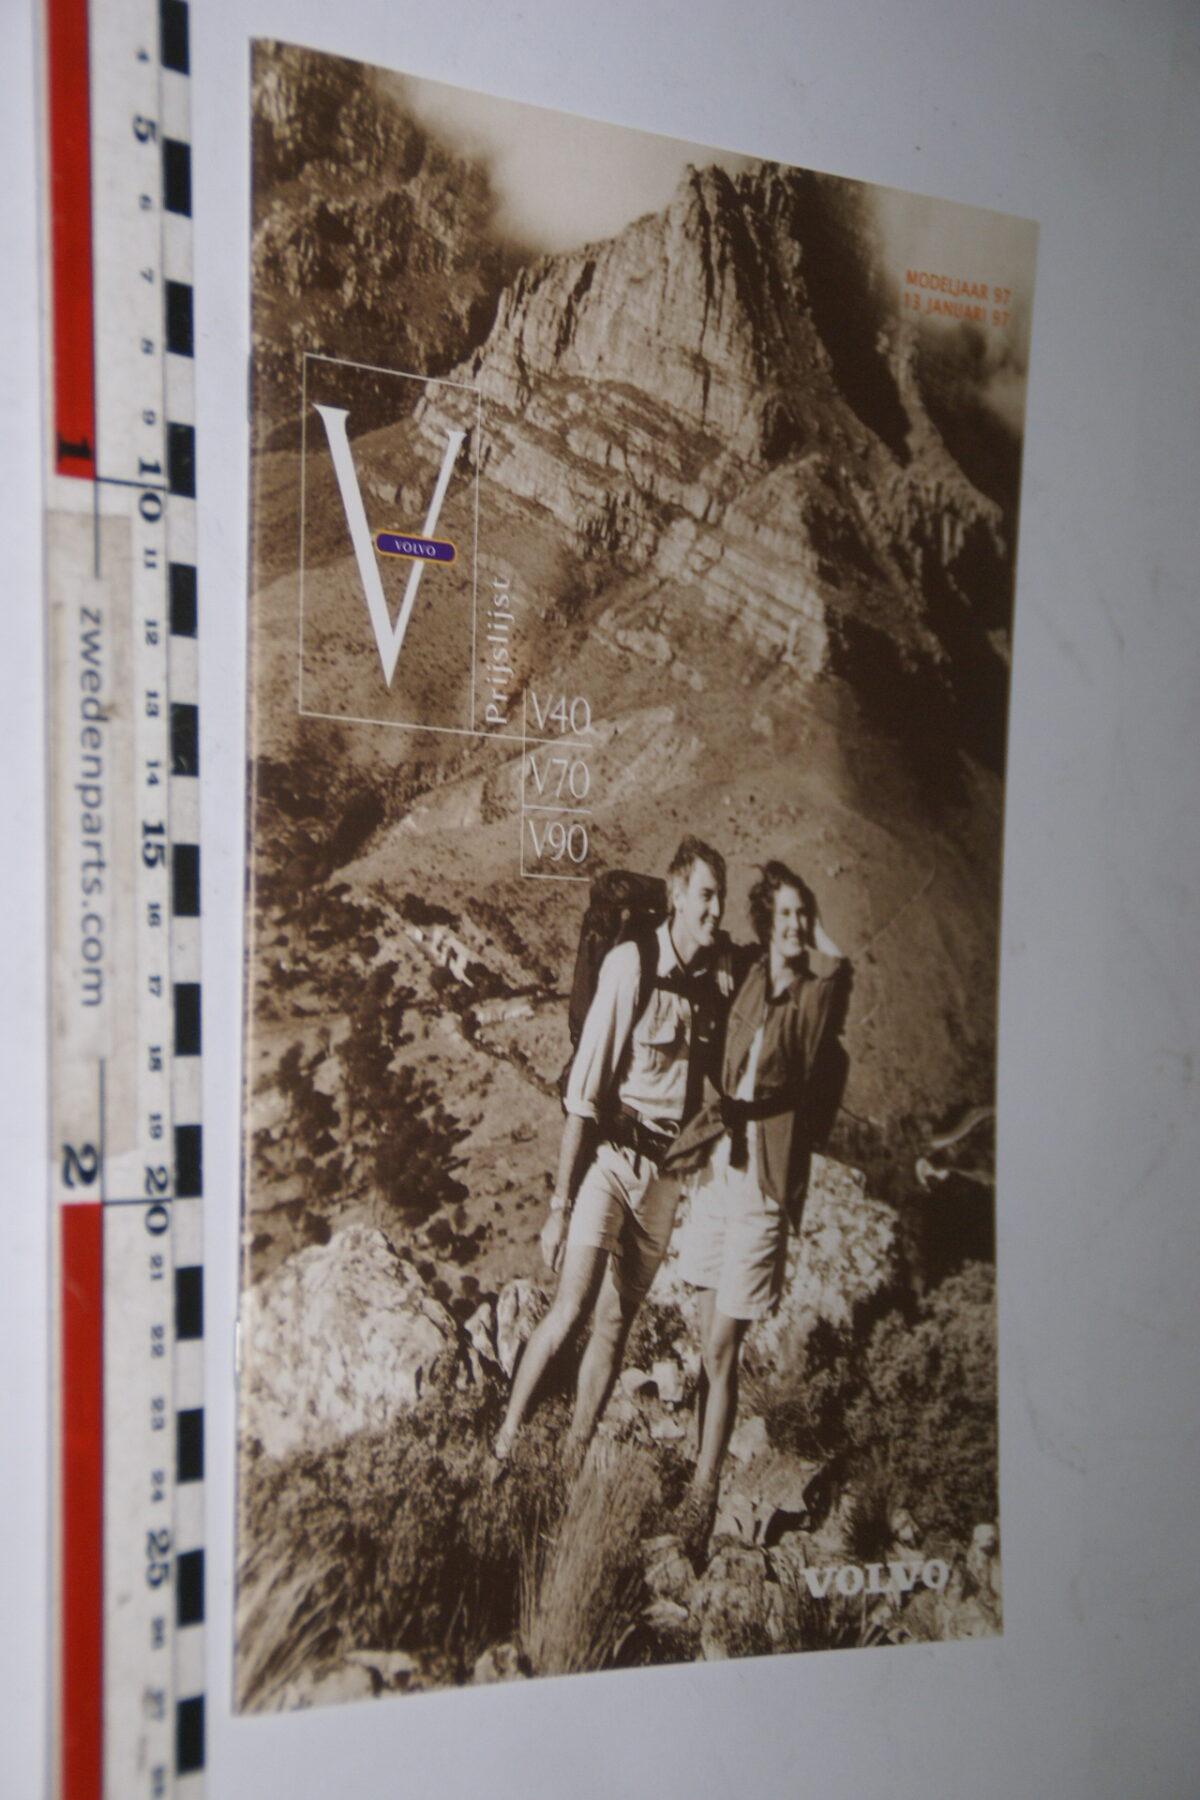 DSC04993 1997 originele brochure nr. VO1970113 Volvo V40 V70 V90-4c7a7b15